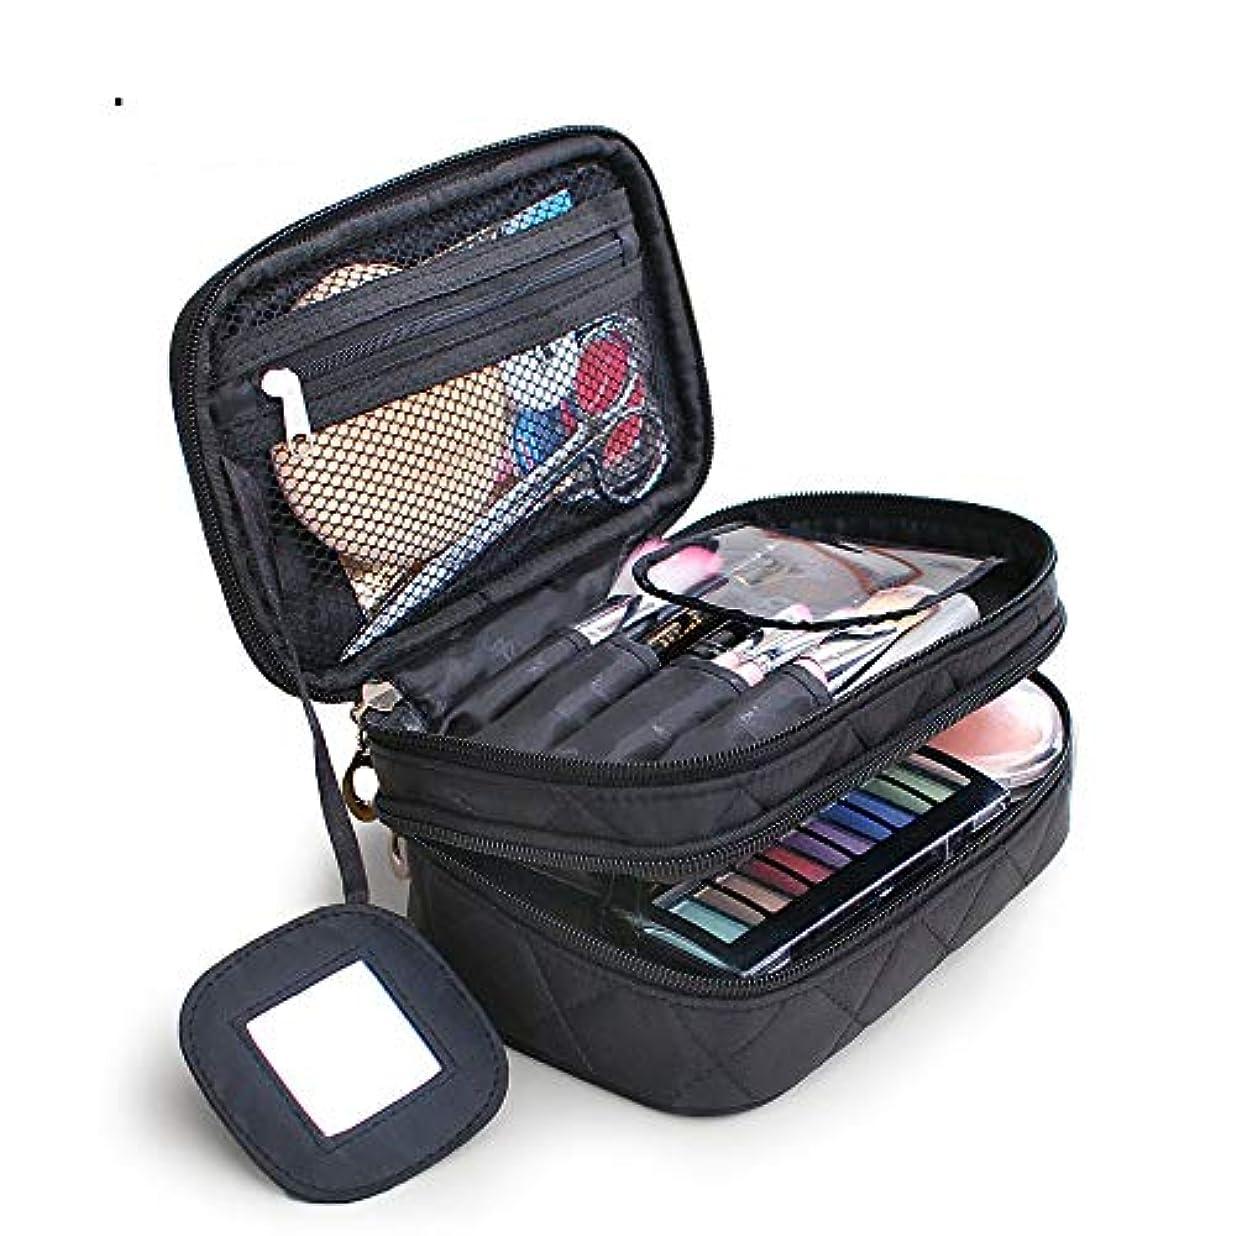 アフリカ誰も経済特大スペース収納ビューティーボックス 旅行化粧化粧ケース、ポータブルブラシケース化粧品バッグ旅行セット収納袋化粧品バッグ、黒クラシック 化粧品化粧台